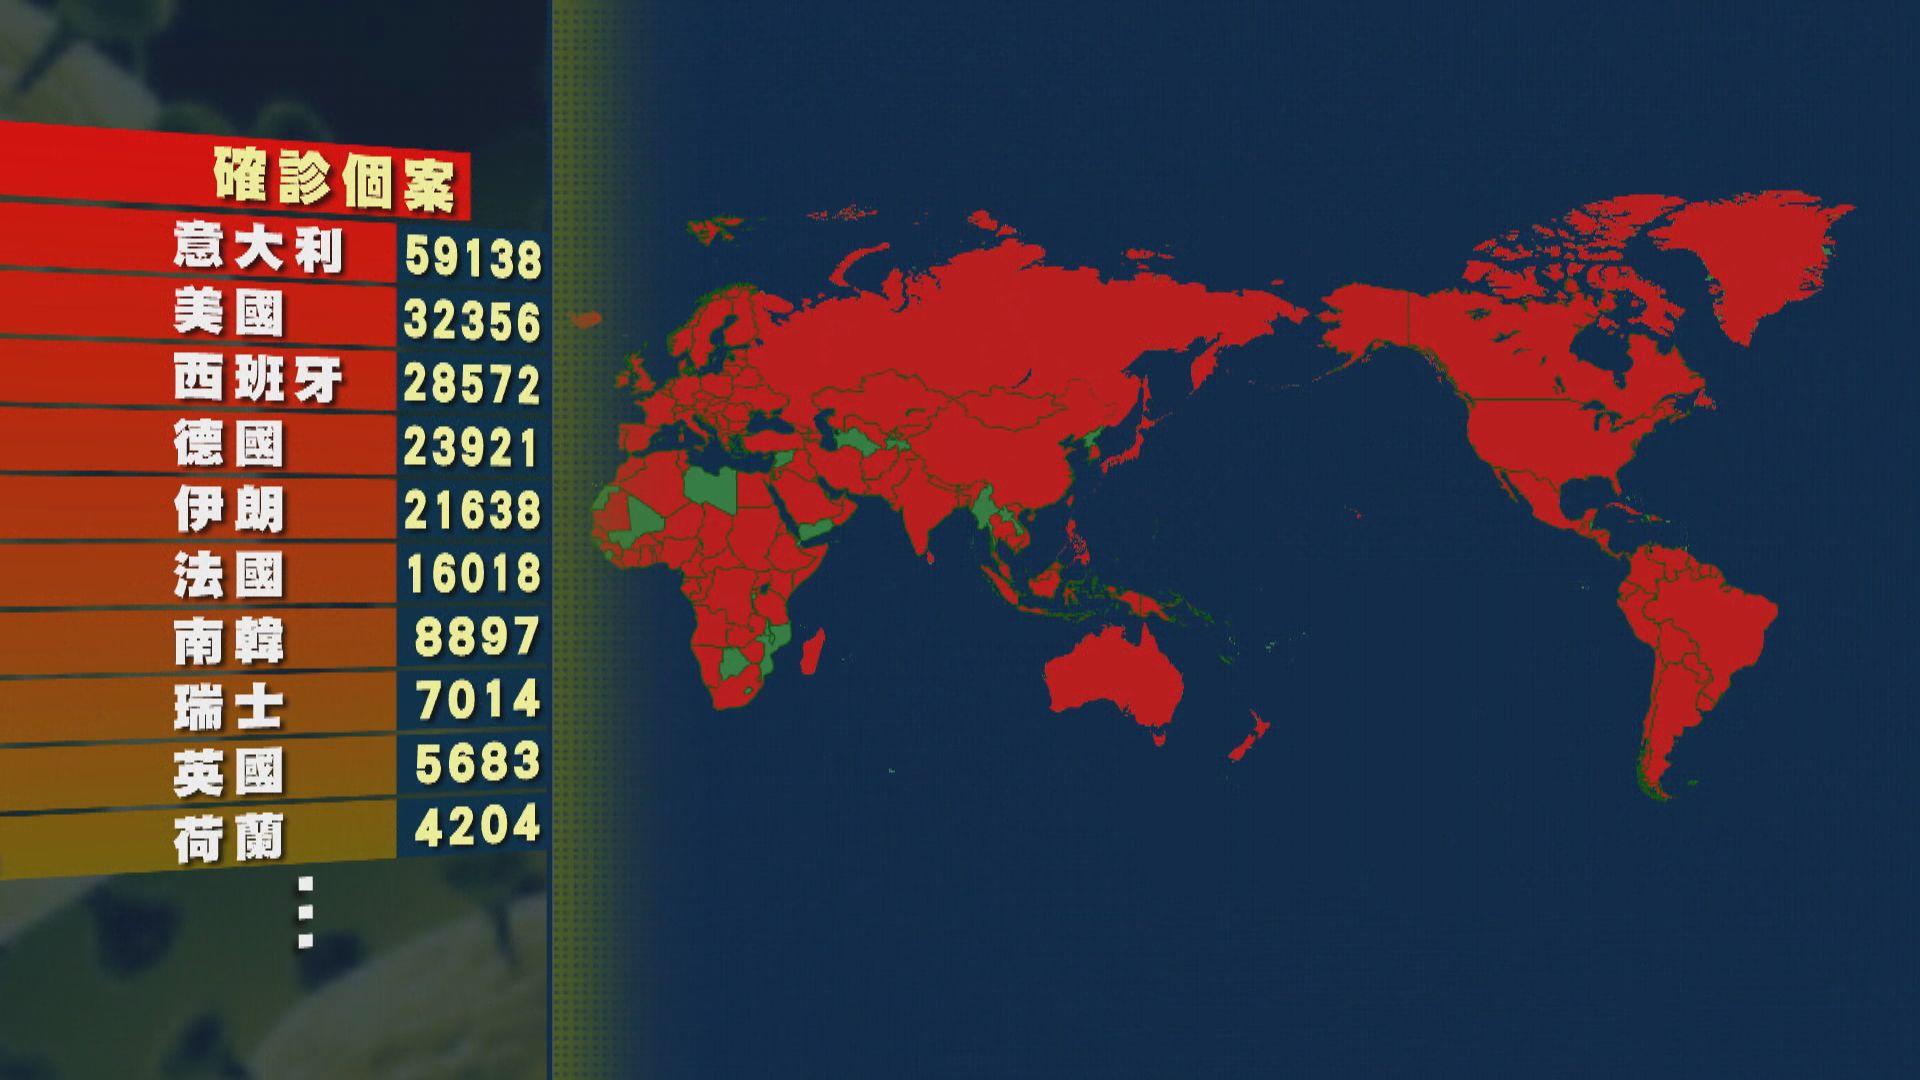 【新型肺炎】全球至今逾30萬人感染 意大利累計近六萬宗確診